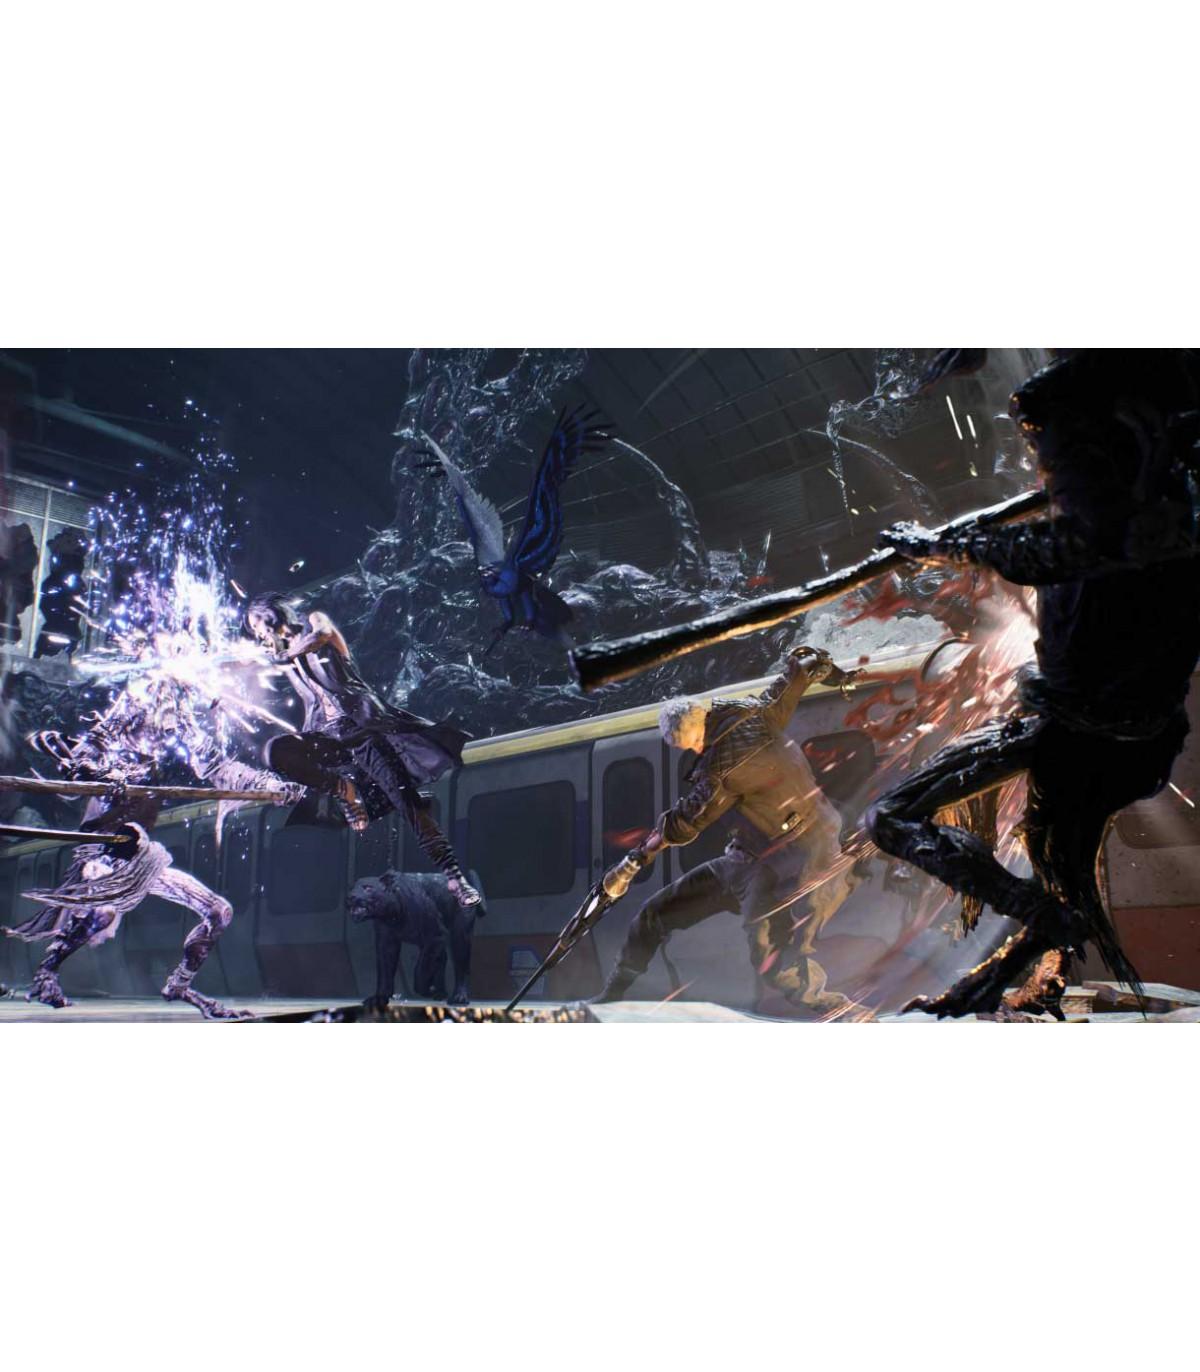 بازی Devil May Cry 5 کارکرده - پلی استیشن 4